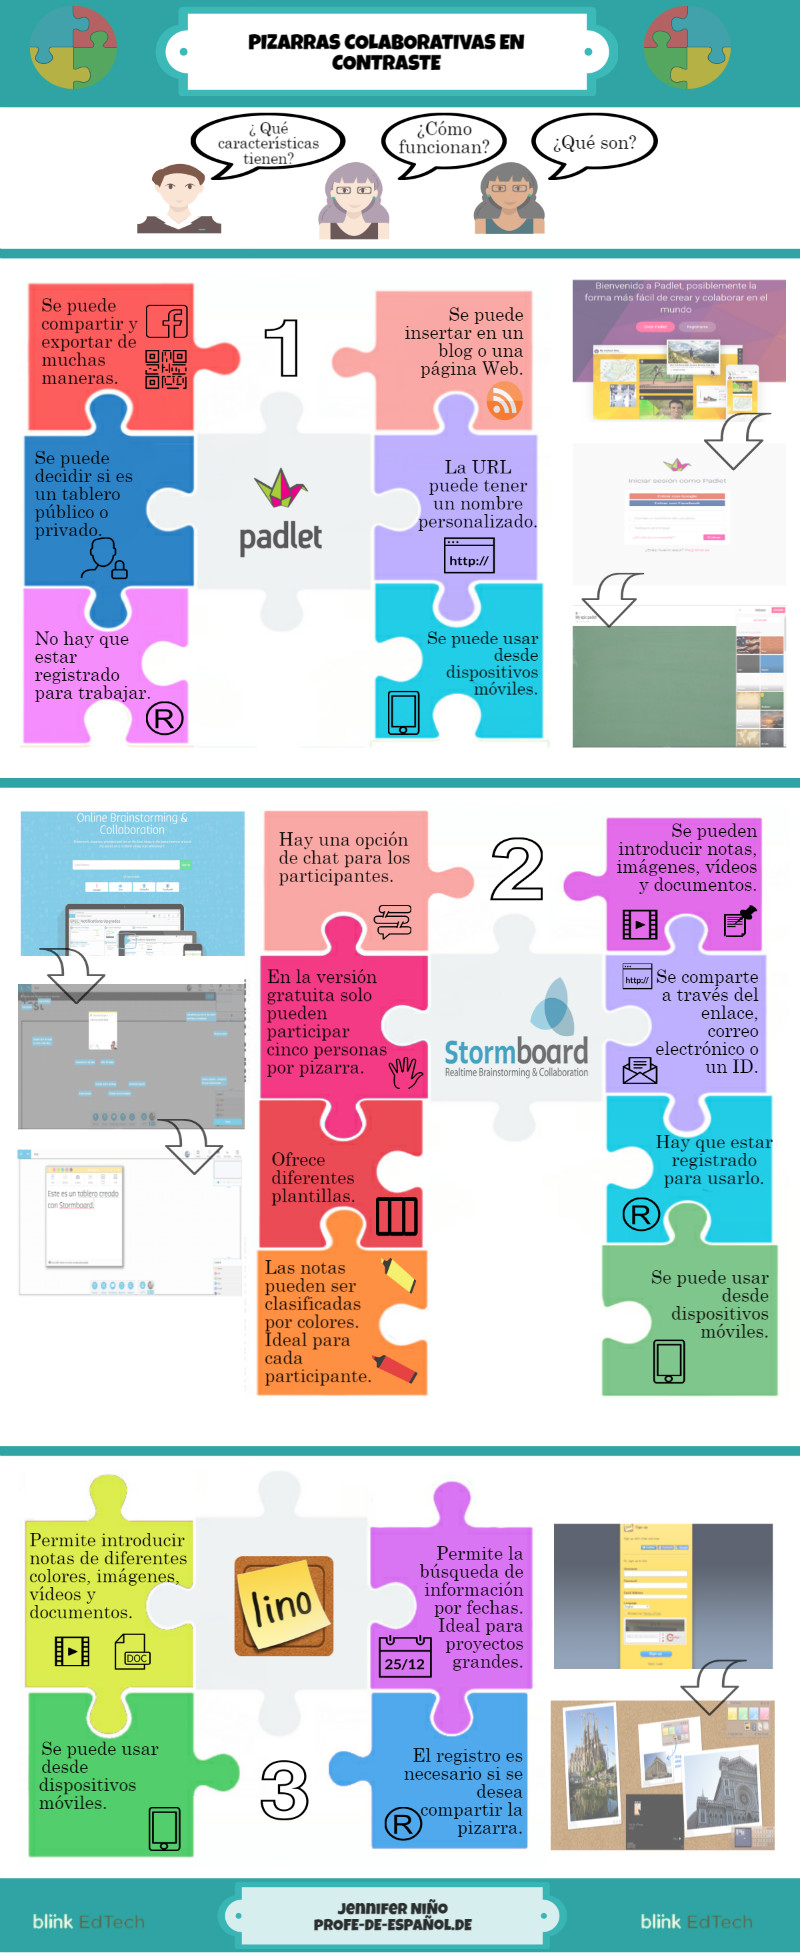 Infografía sobre las pizarras colaborativas en educación